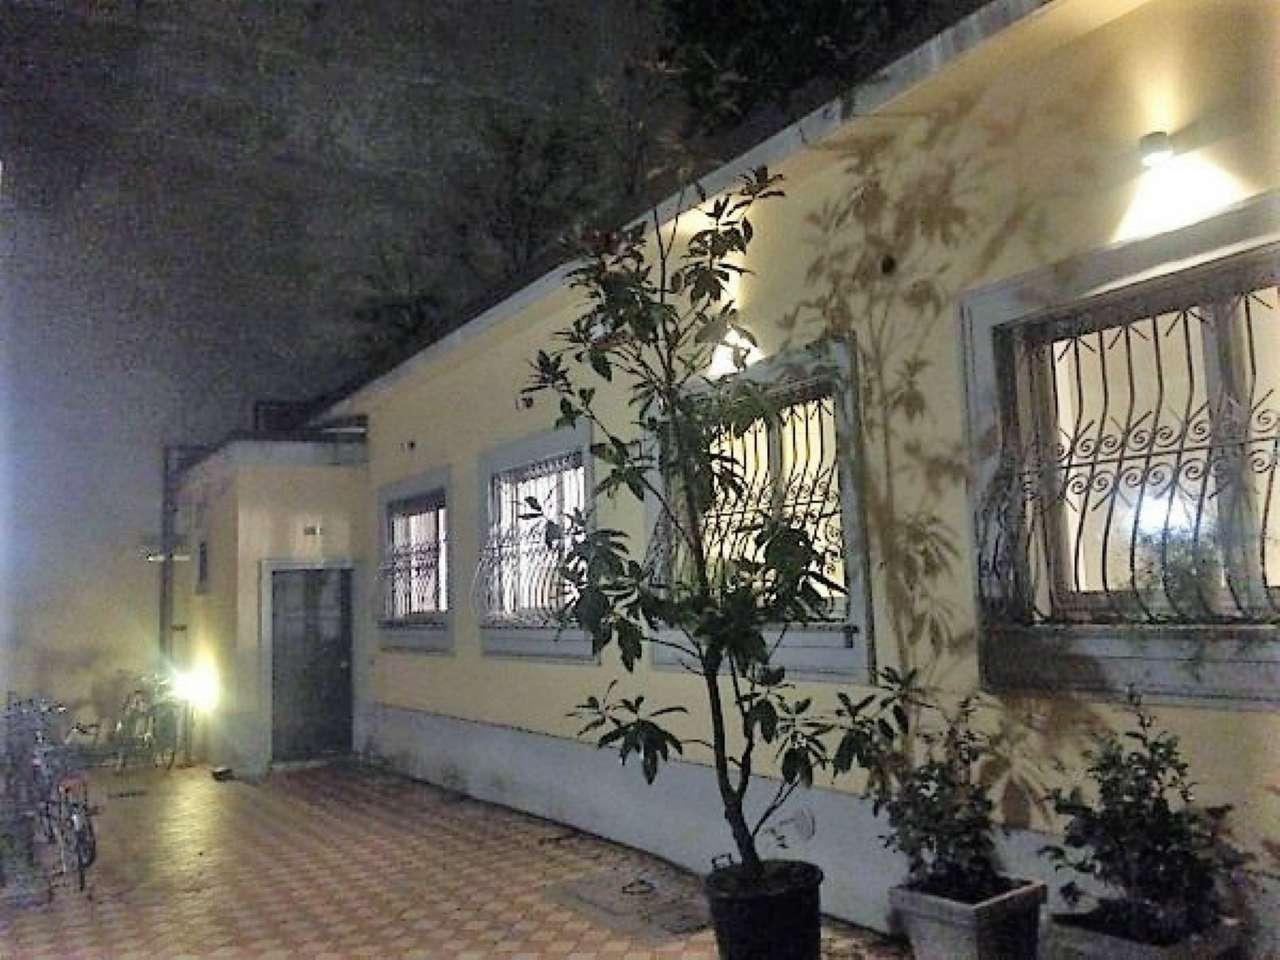 Appartamento in vendita a Milano, 4 locali, zona Zona: 6 . V Giornate, XXII Marzo, P.ta Romana, Viale Corsica, Tribunale, Policlinico, prezzo € 420.000 | CambioCasa.it